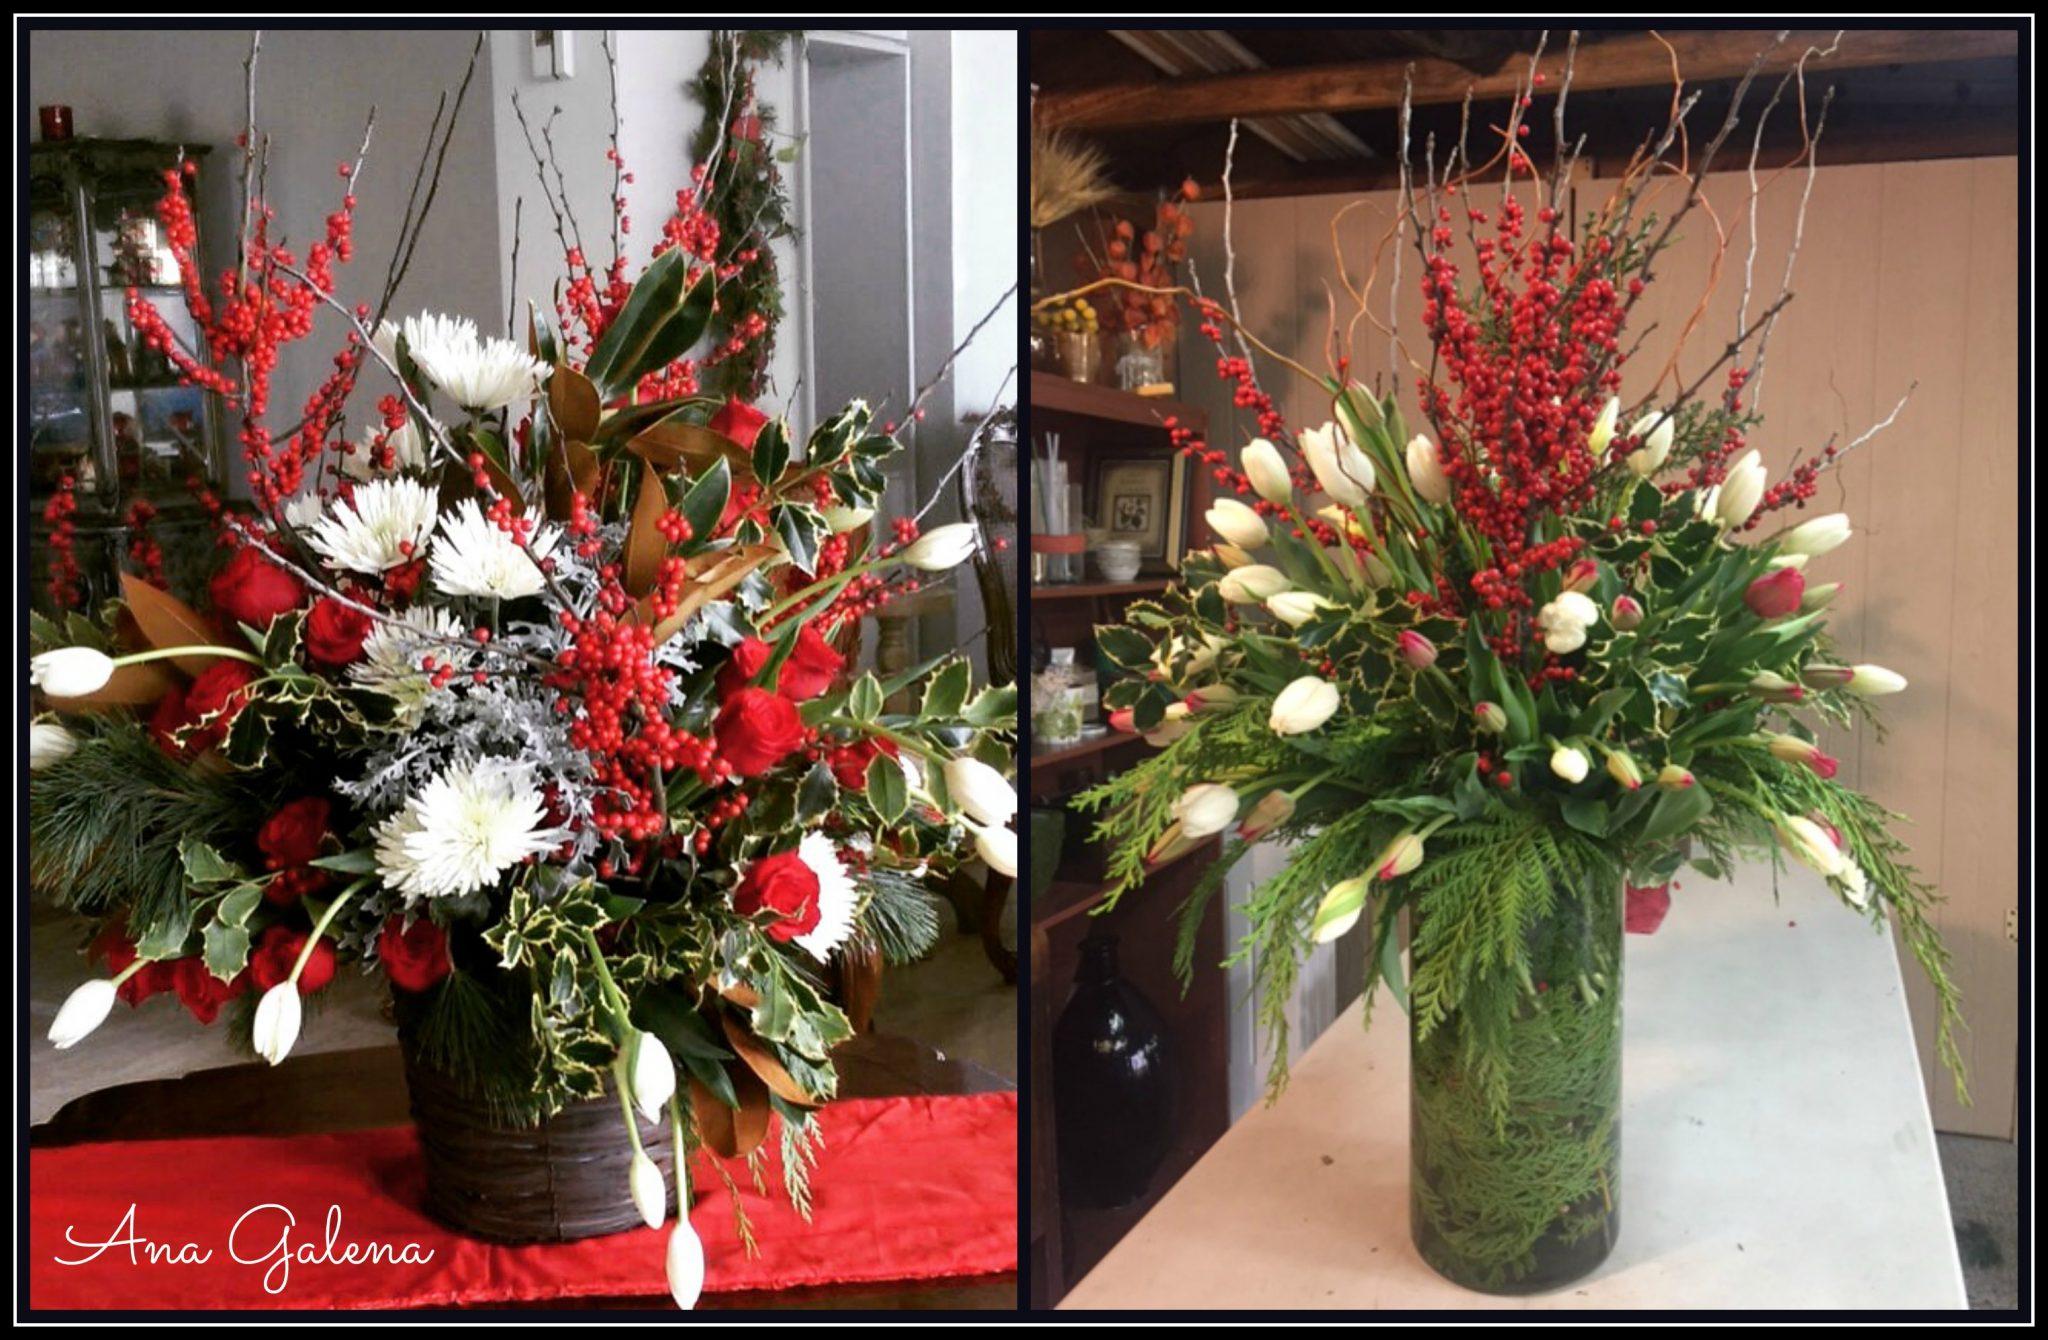 Flores naturales en navidad ilex berries ana galena for Arreglo para puertas de navidad